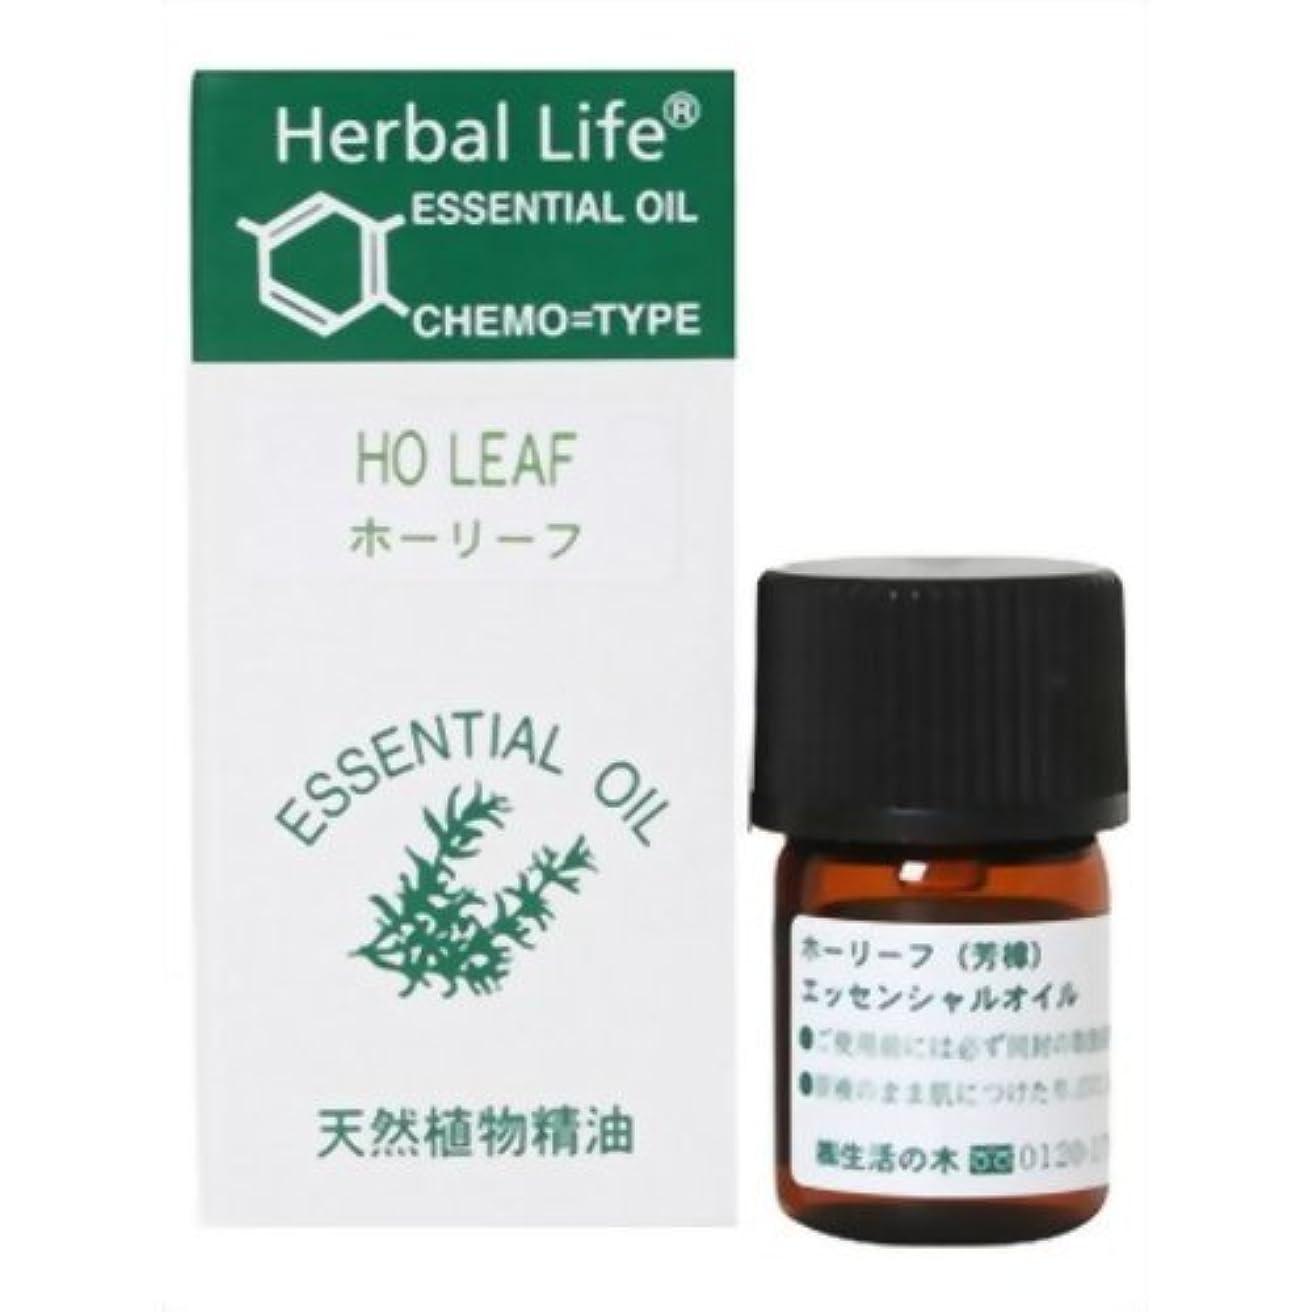 生活の木 Herbal Life ホーリーフ 3ml